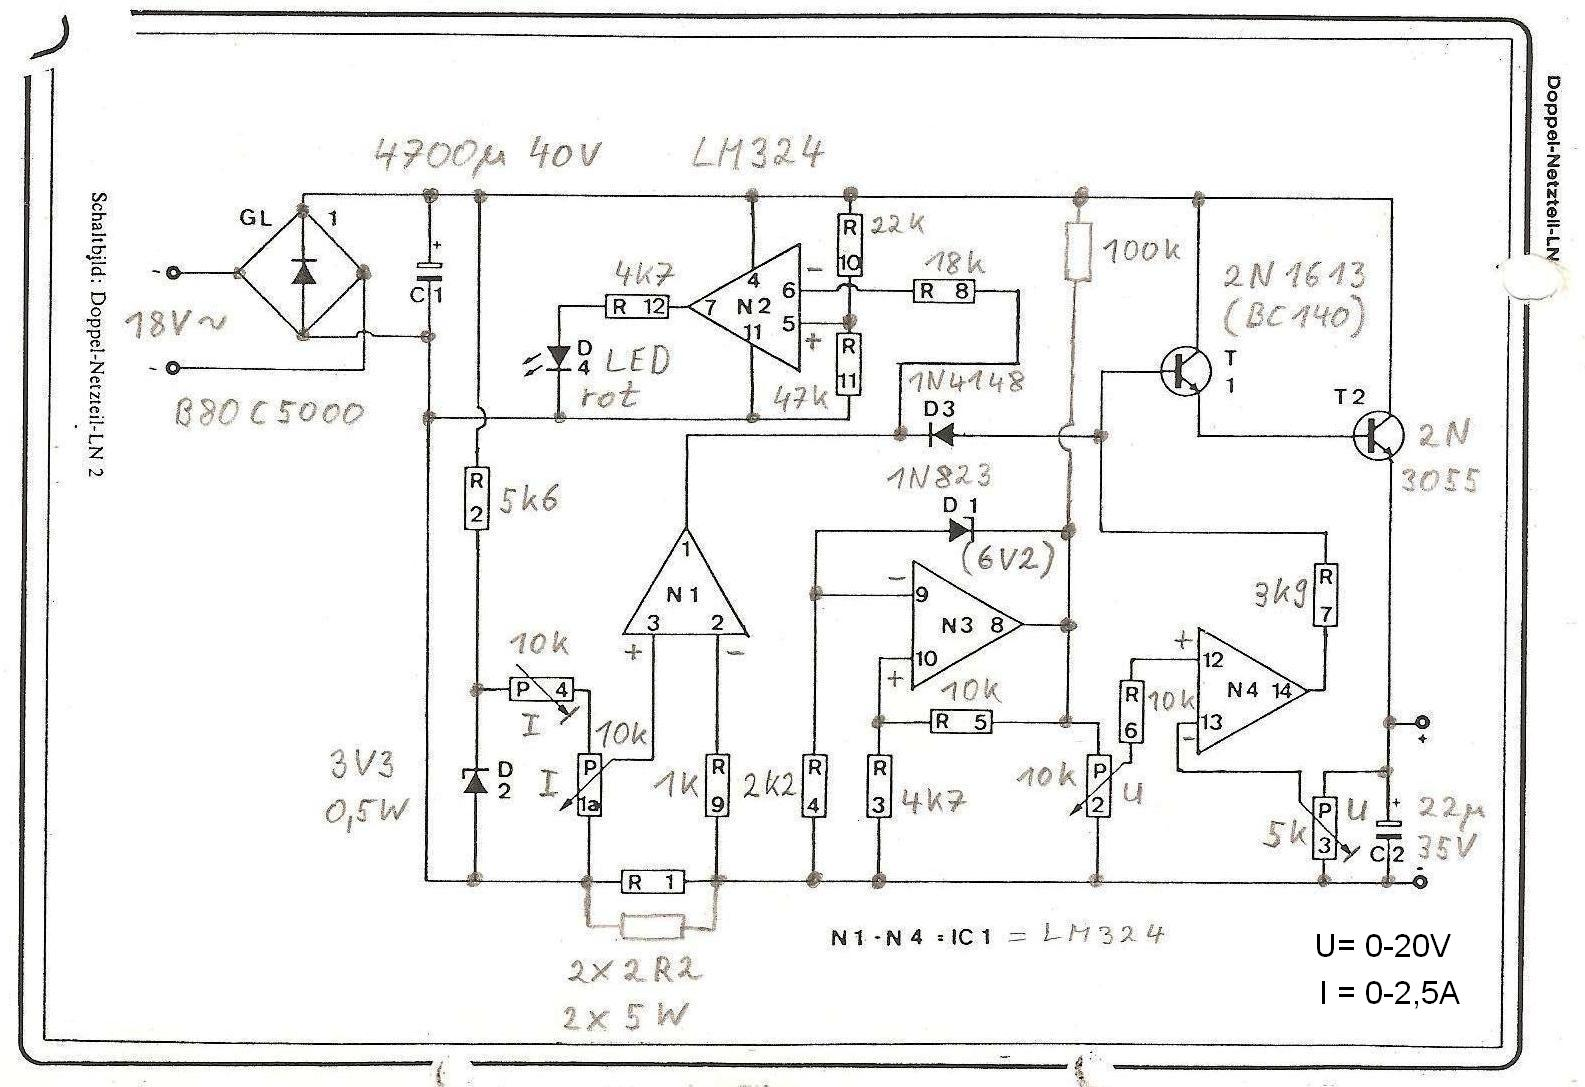 Labornetzgerät - Fragen zum Schaltplan - Mikrocontroller.net